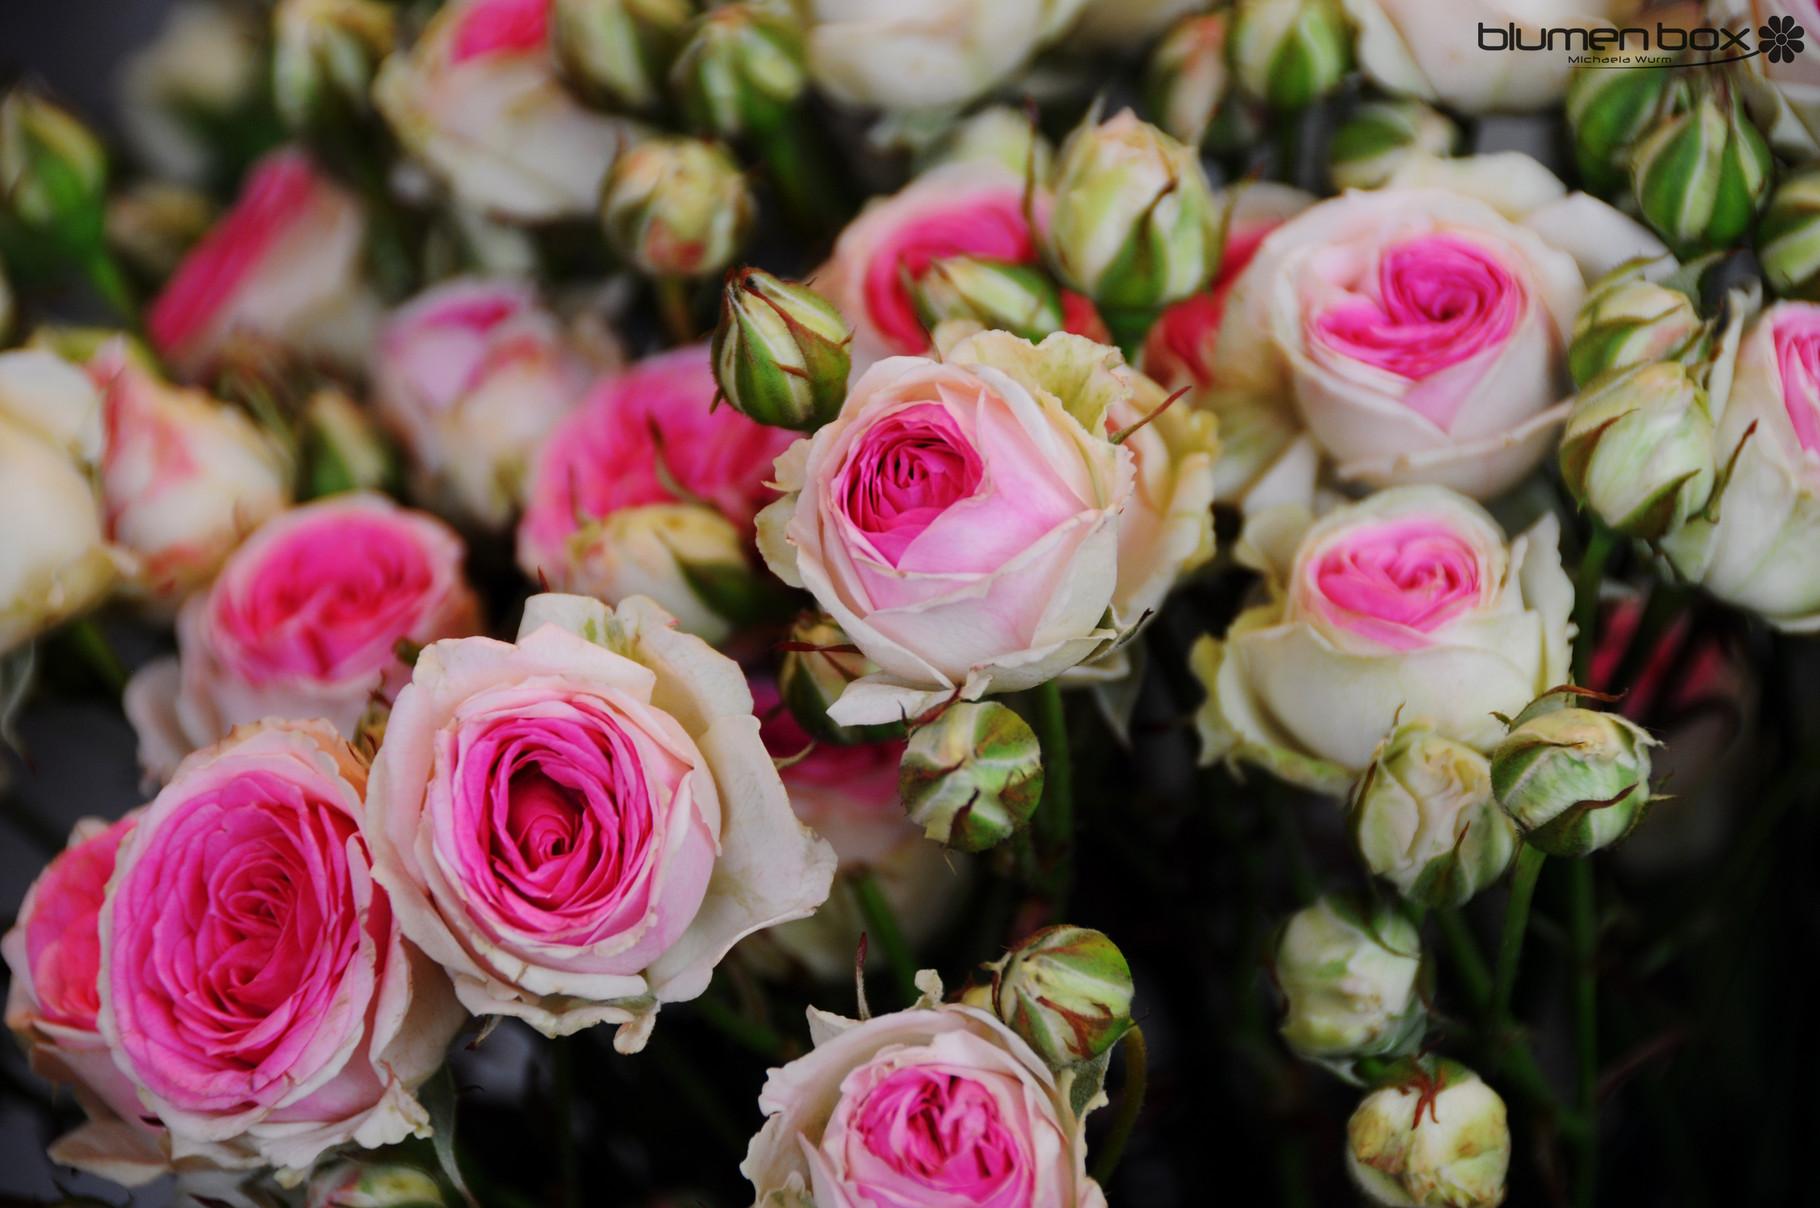 Schnittblumen - Blumenbox Schnittblumen Frische Strause Garten